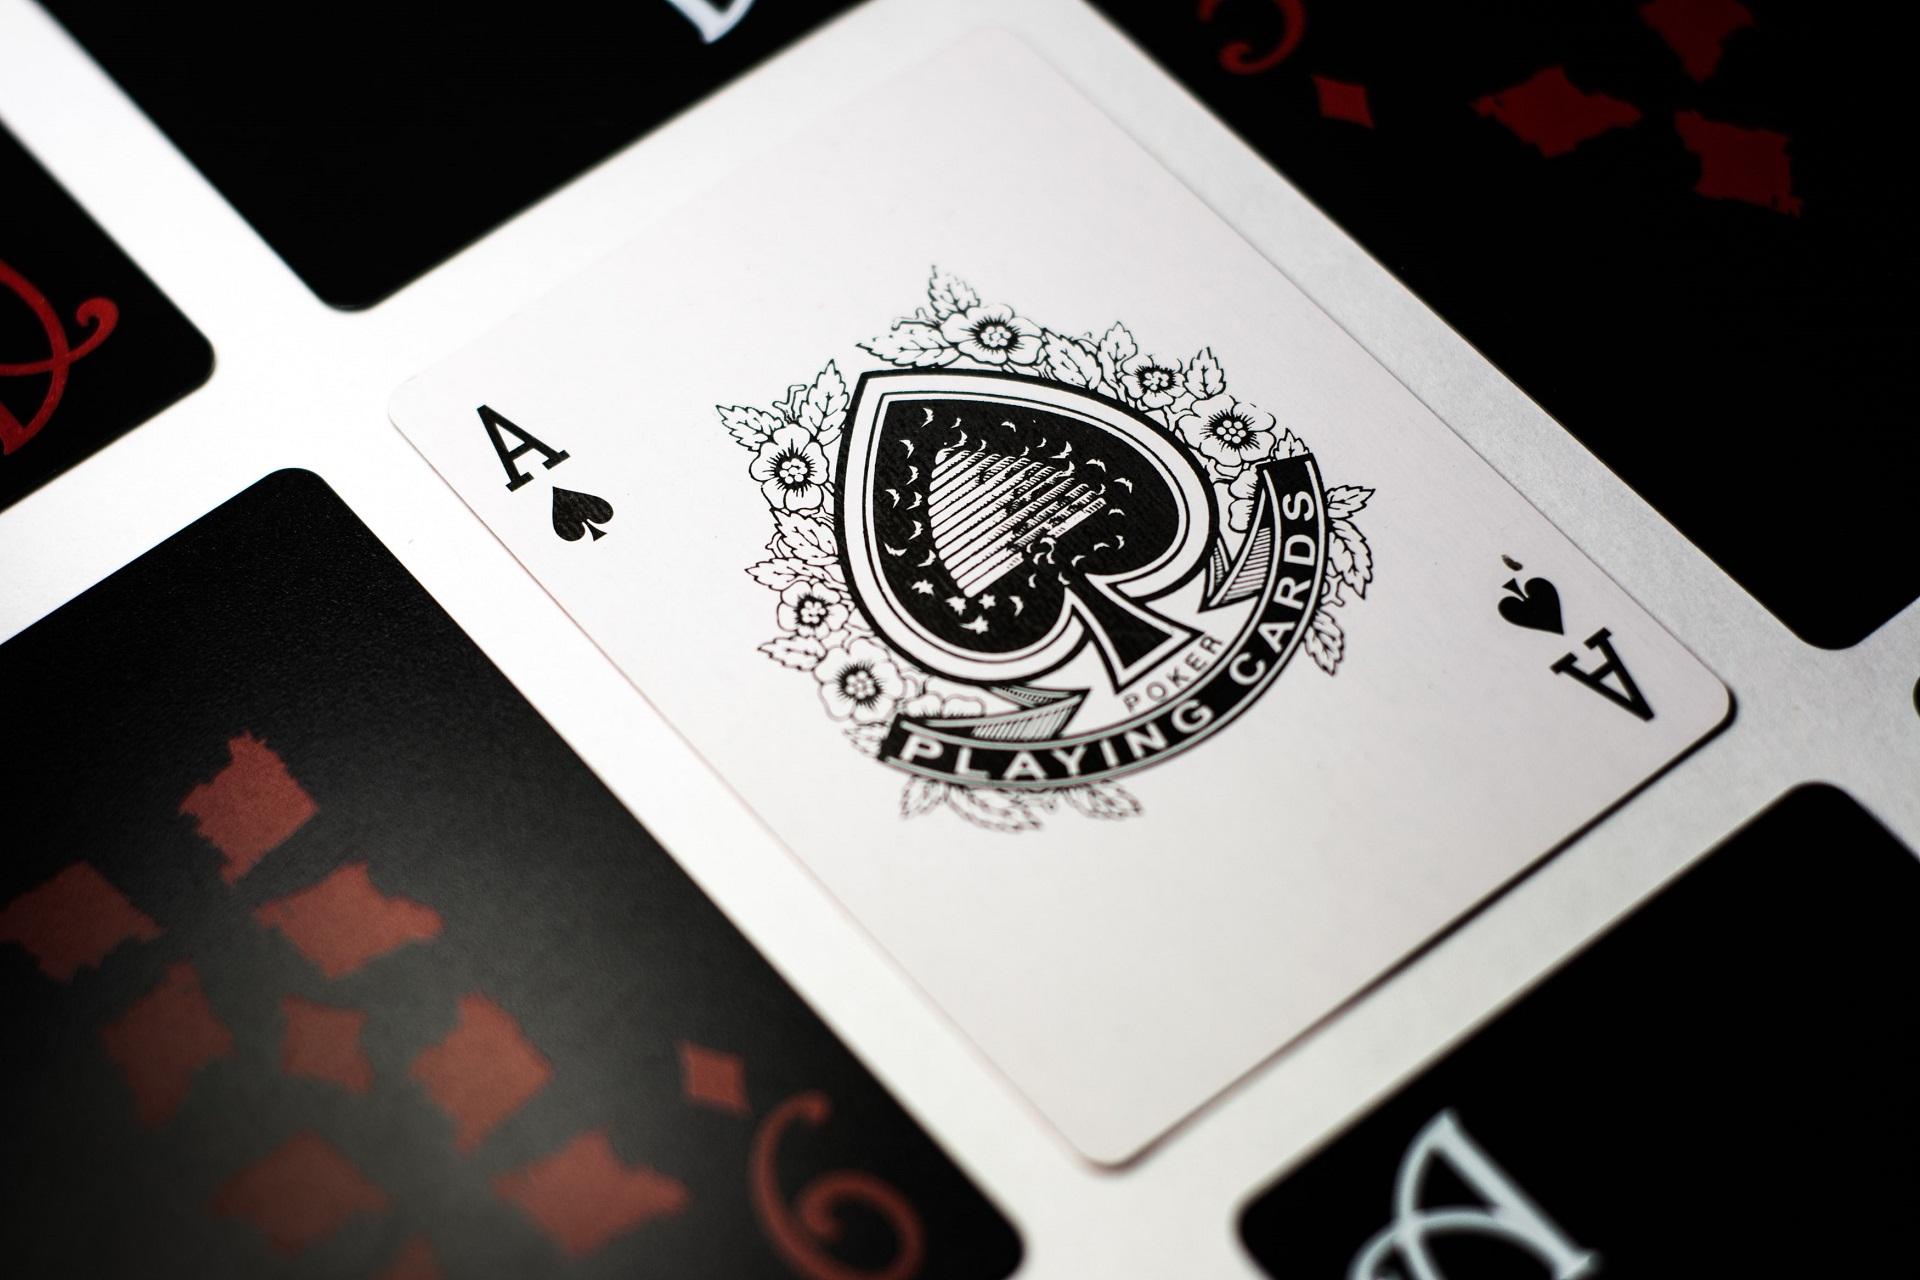 パイゴウポーカーの遊び方は?